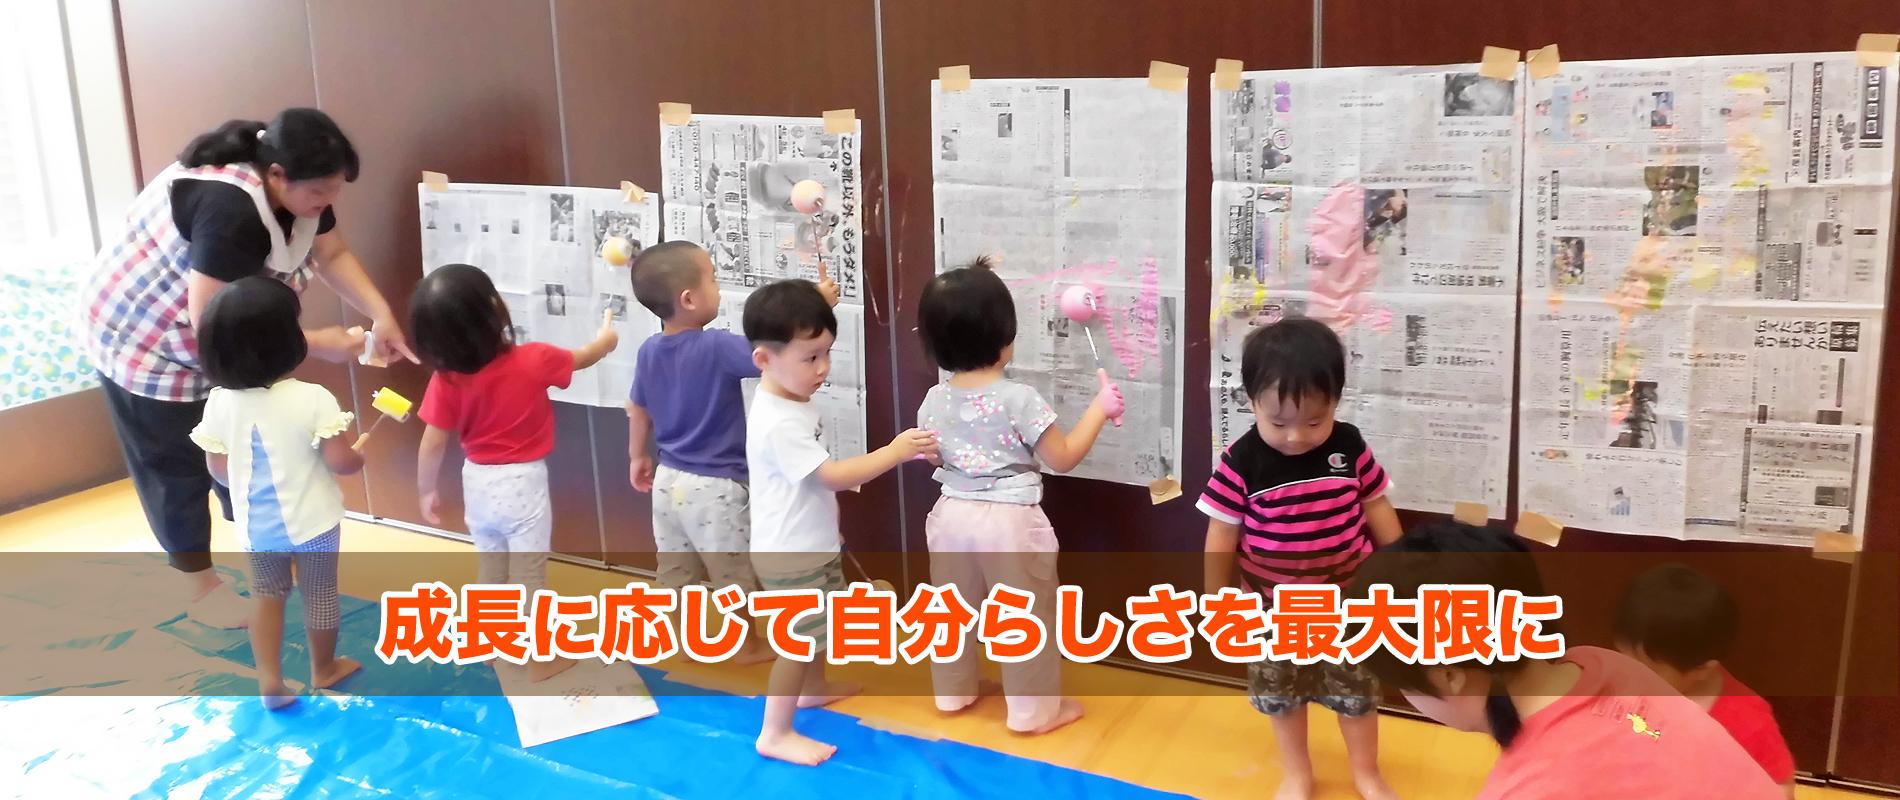 アーバンチャイルド保育園 - 東大阪の小規模保育施設